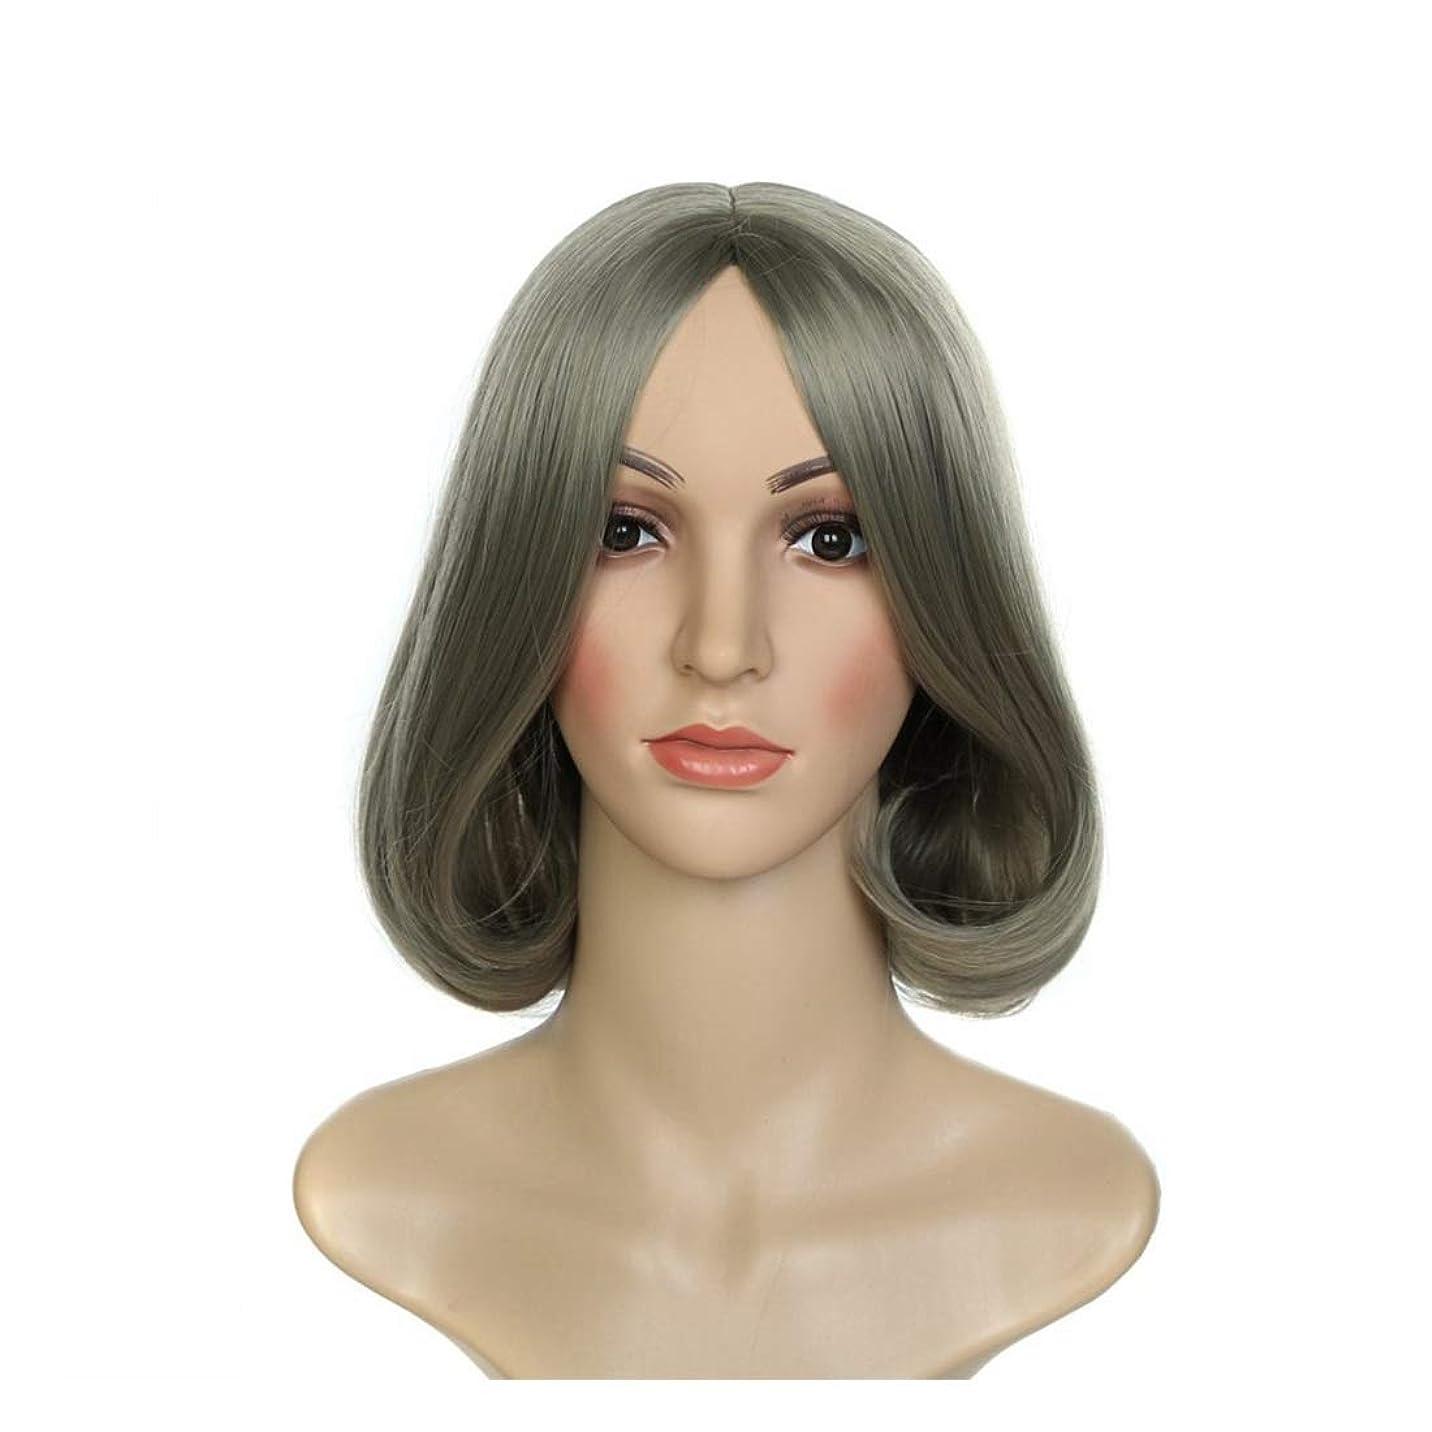 フレッシュ世界的に高層ビルJIANFU ウィッグウィッグウィッグコスプレウィッグショートヘアファッションレディースウィッグ (Color : Photo Color)